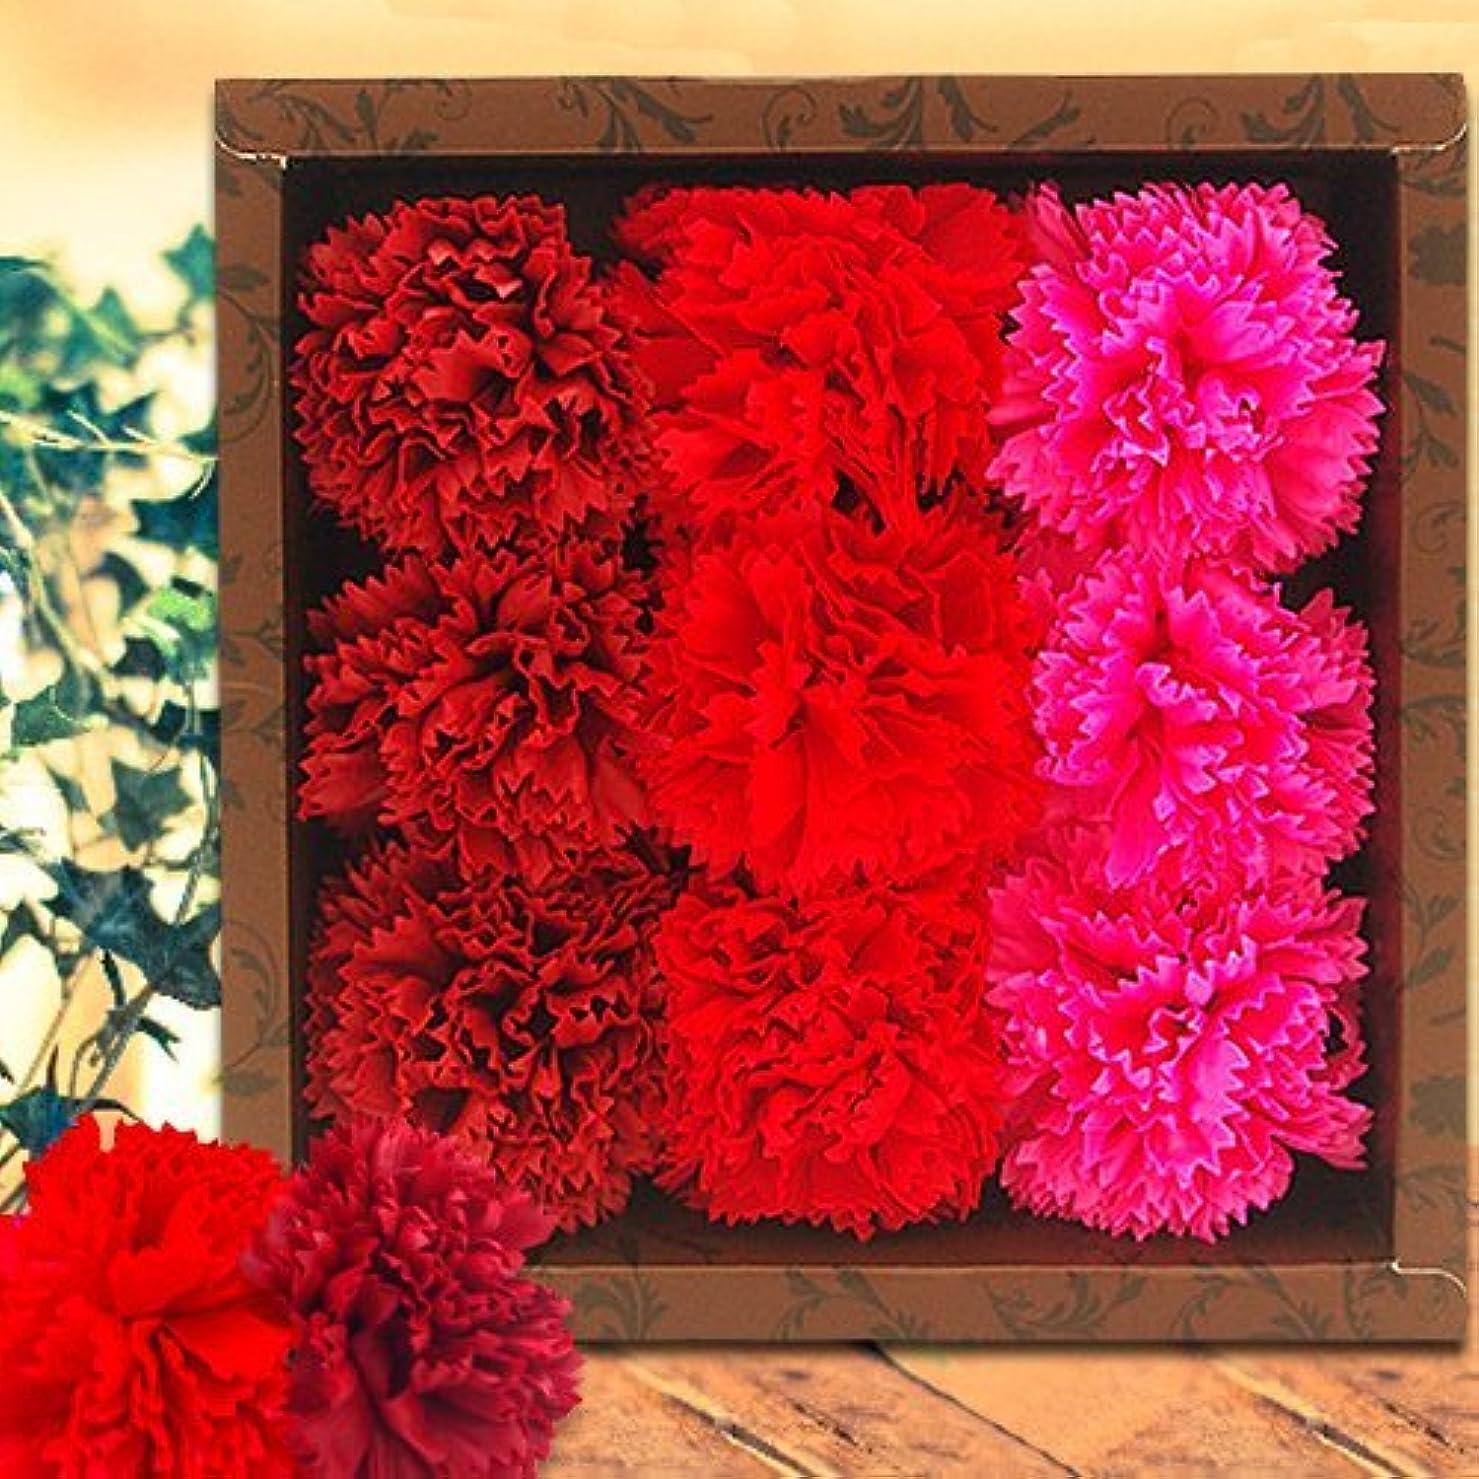 慎重デジタル遅れフラワーフレグランス(Carnation/Red)